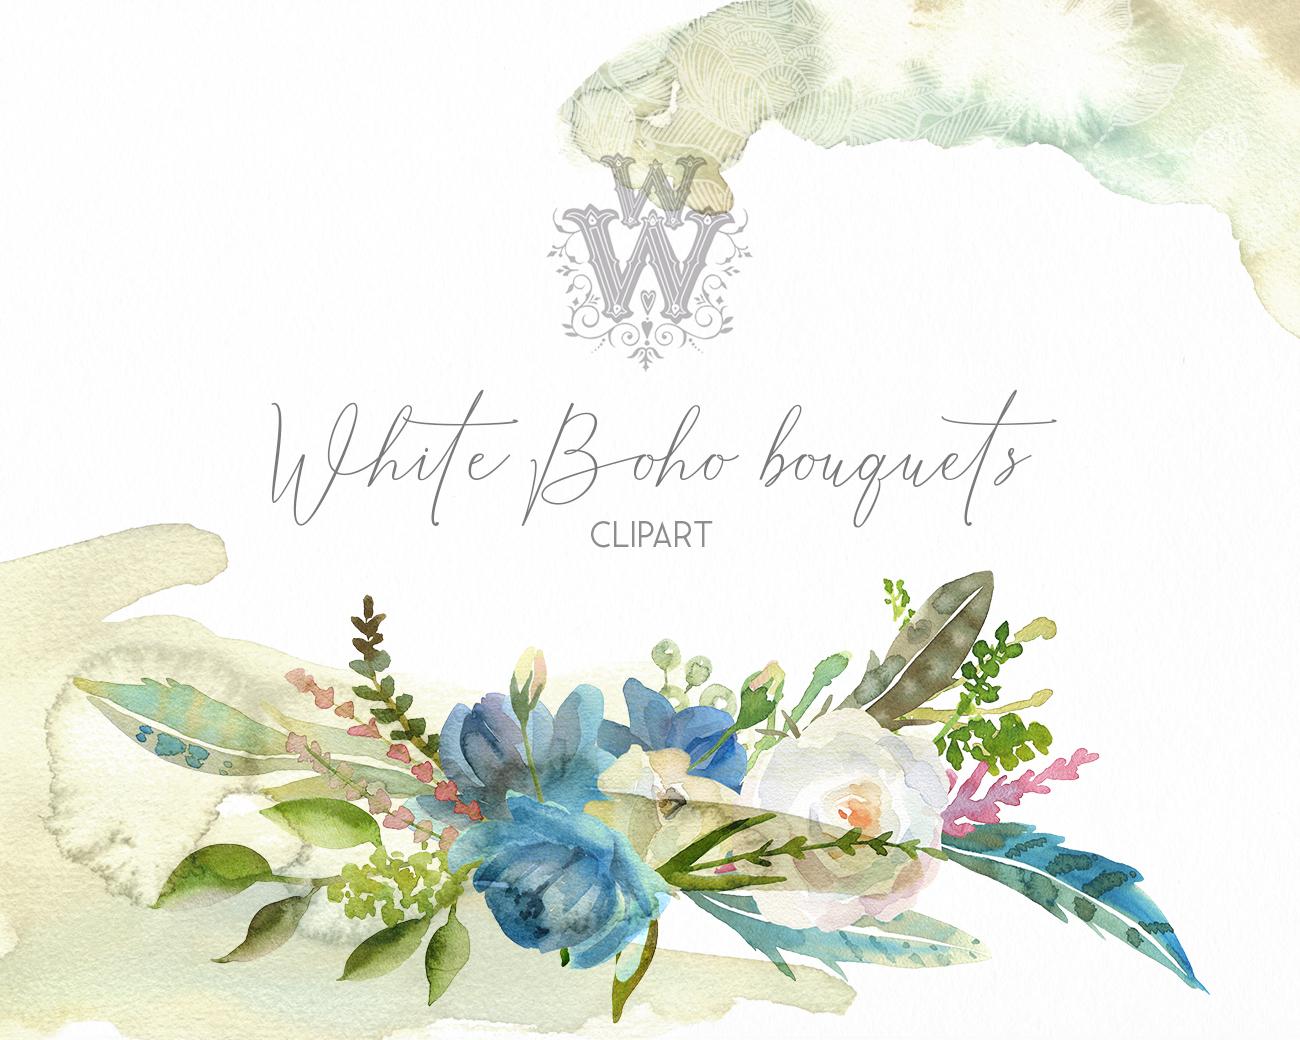 Watercolor floral wedding bouquets, boho compositios wreath example image 5